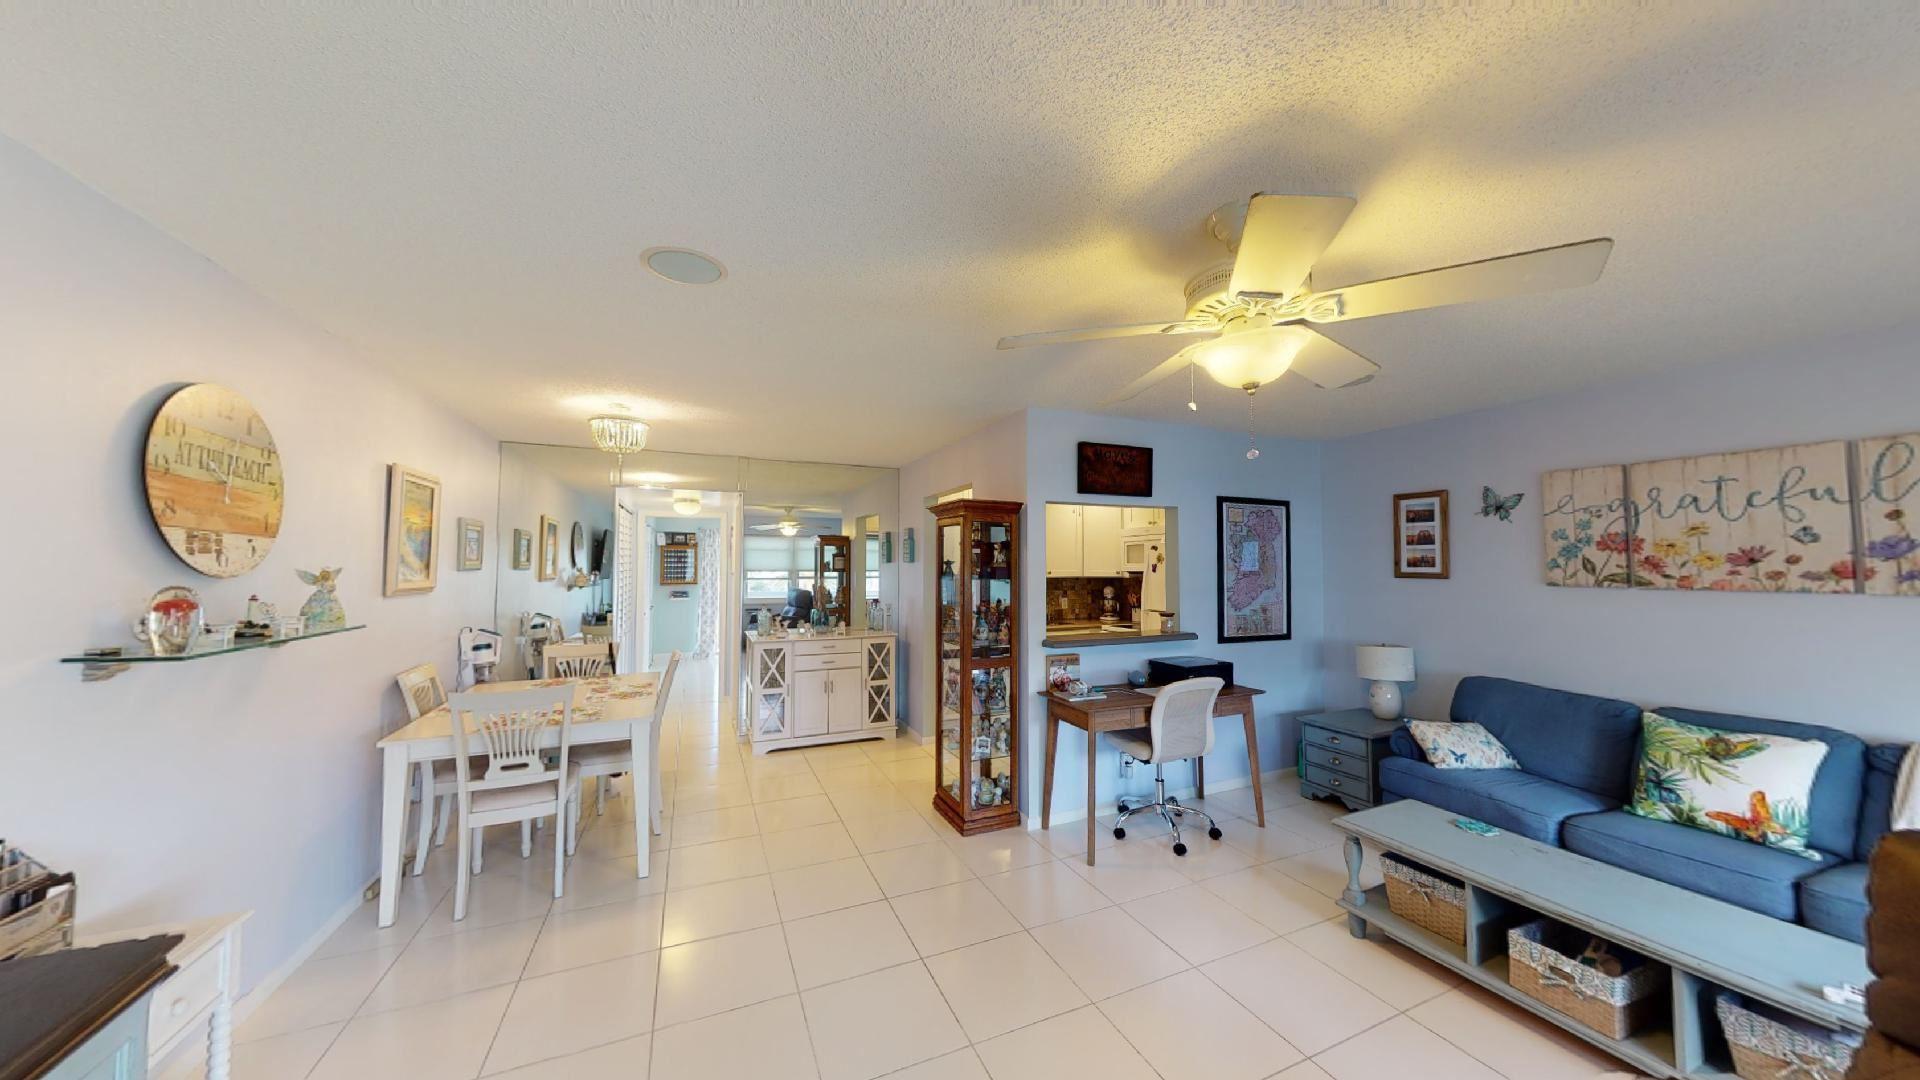 415 Windsor R, West Palm Beach, FL 33417 - MLS#: RX-10695457